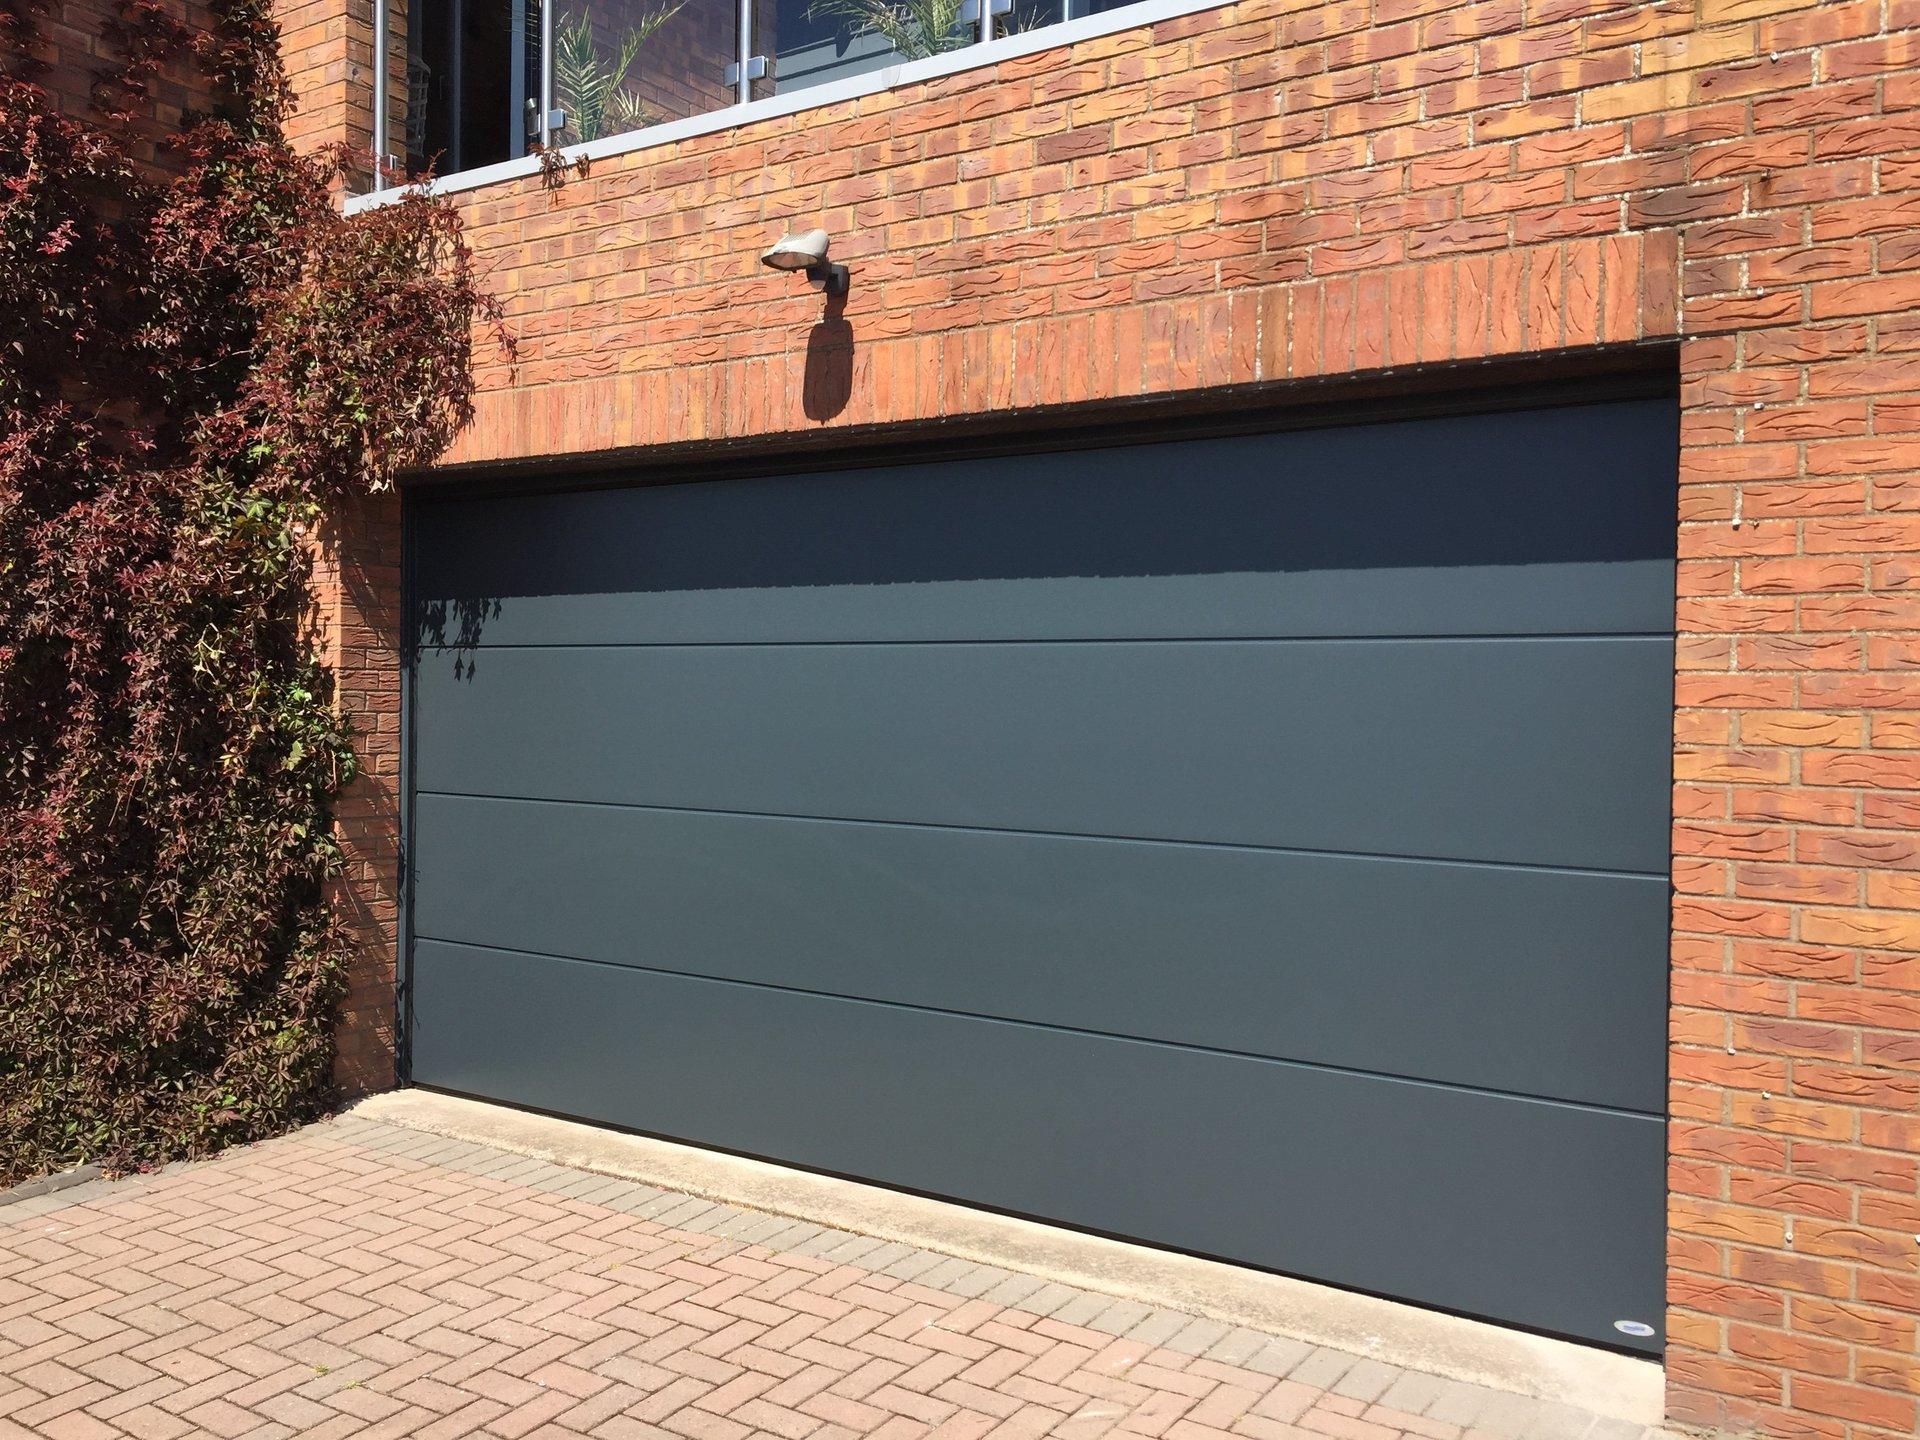 New garage shutter